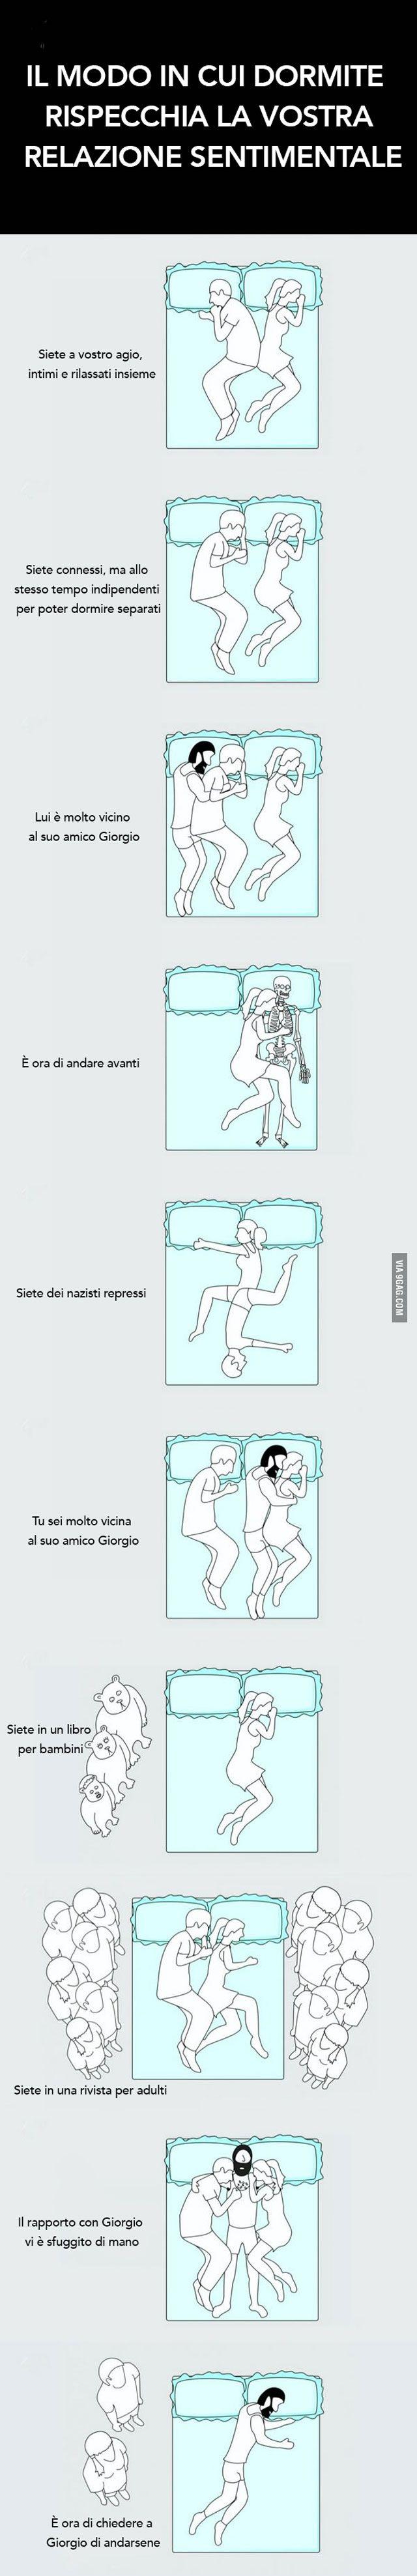 Il modo in cui dormite rispecchia la vostra relazione sentimentale